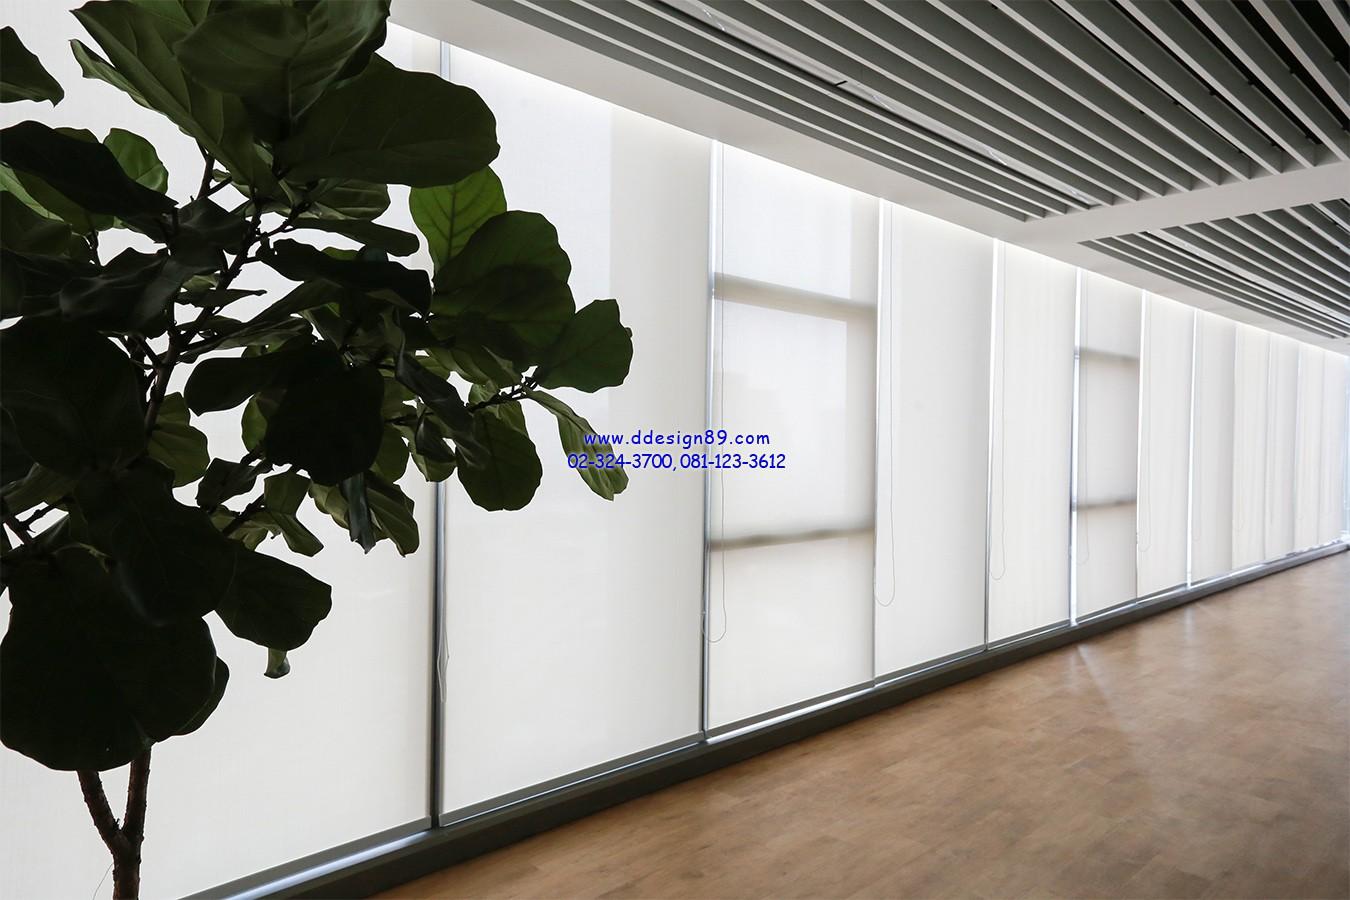 ม่านม้วนแบบ Sunscreen กรองแสงได้ 60-70% ติดในสำนักงานได้รับความนิยมอย่างมาก